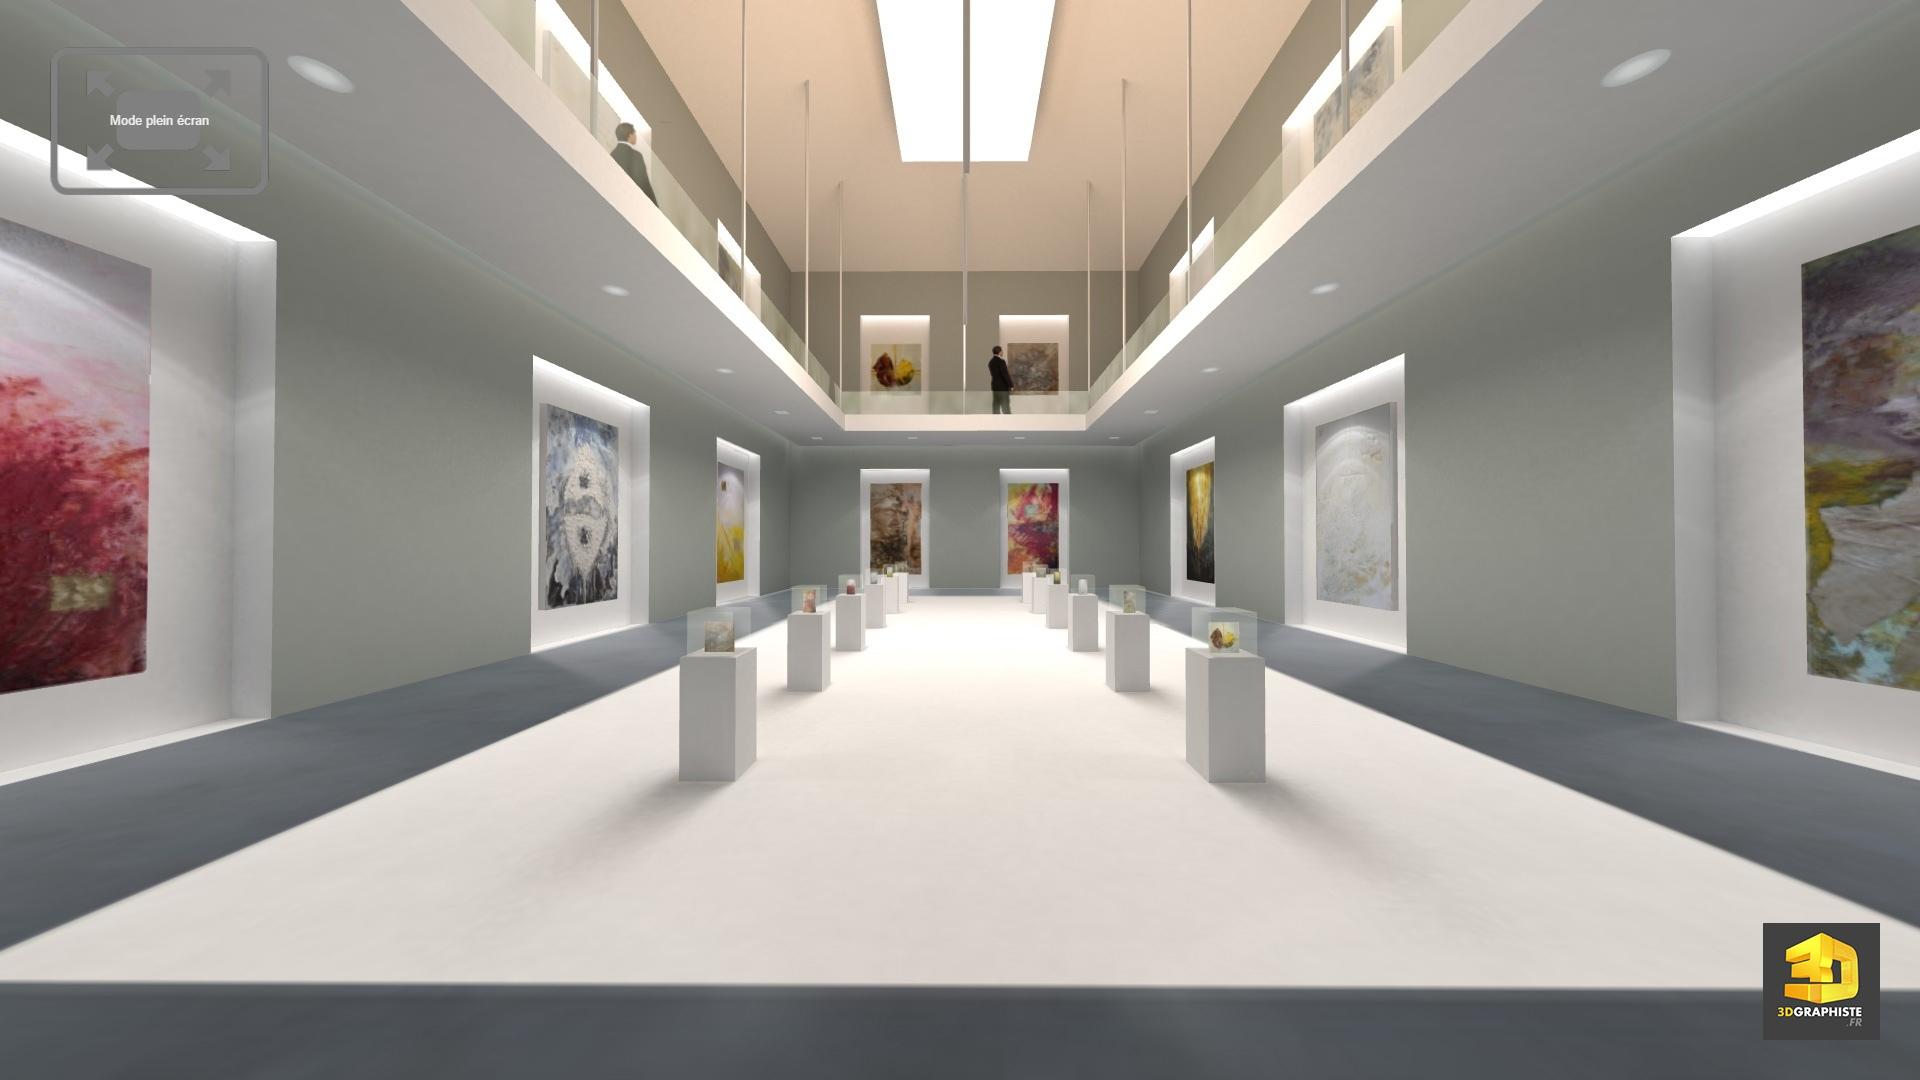 visite virtuelle 3d d 39 une galerie d 39 art contemporain 3dgraphiste fr. Black Bedroom Furniture Sets. Home Design Ideas